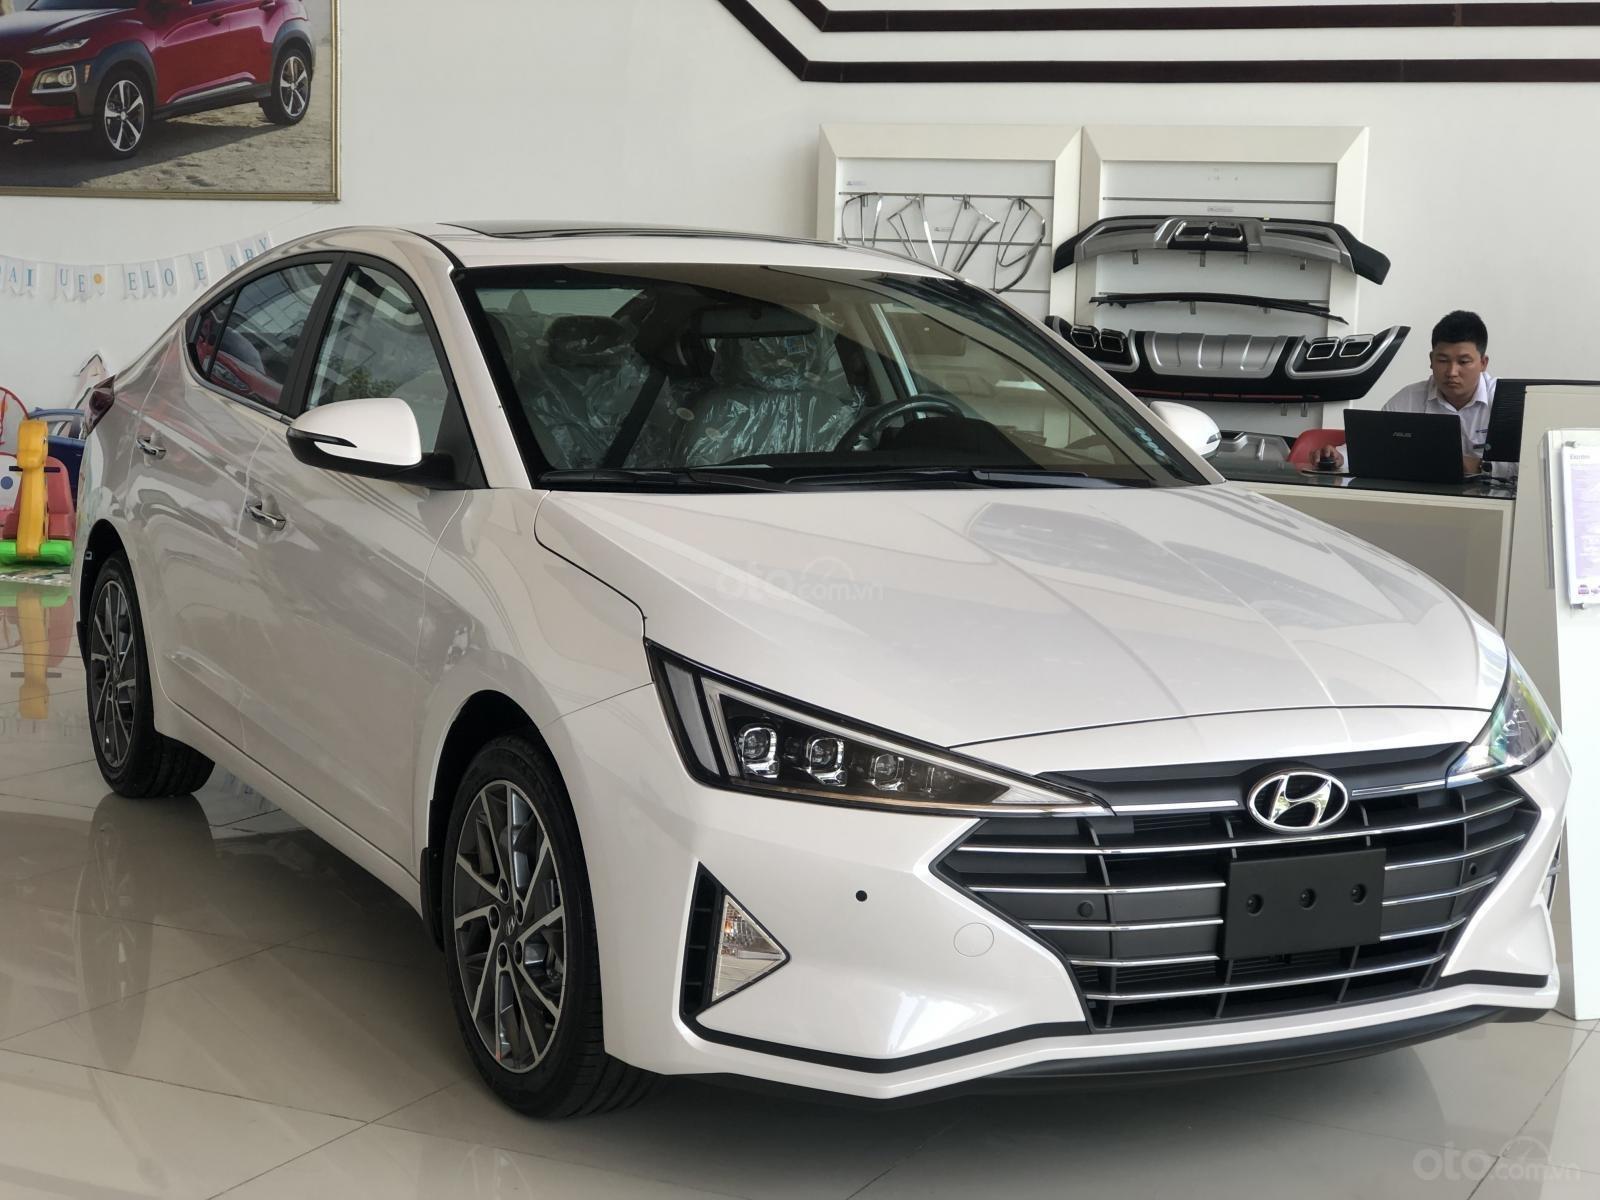 Xe Hyundai Elantra 2019, giá từ 555tr - màu trắng- giao ngay - LH: 0919293553 (1)